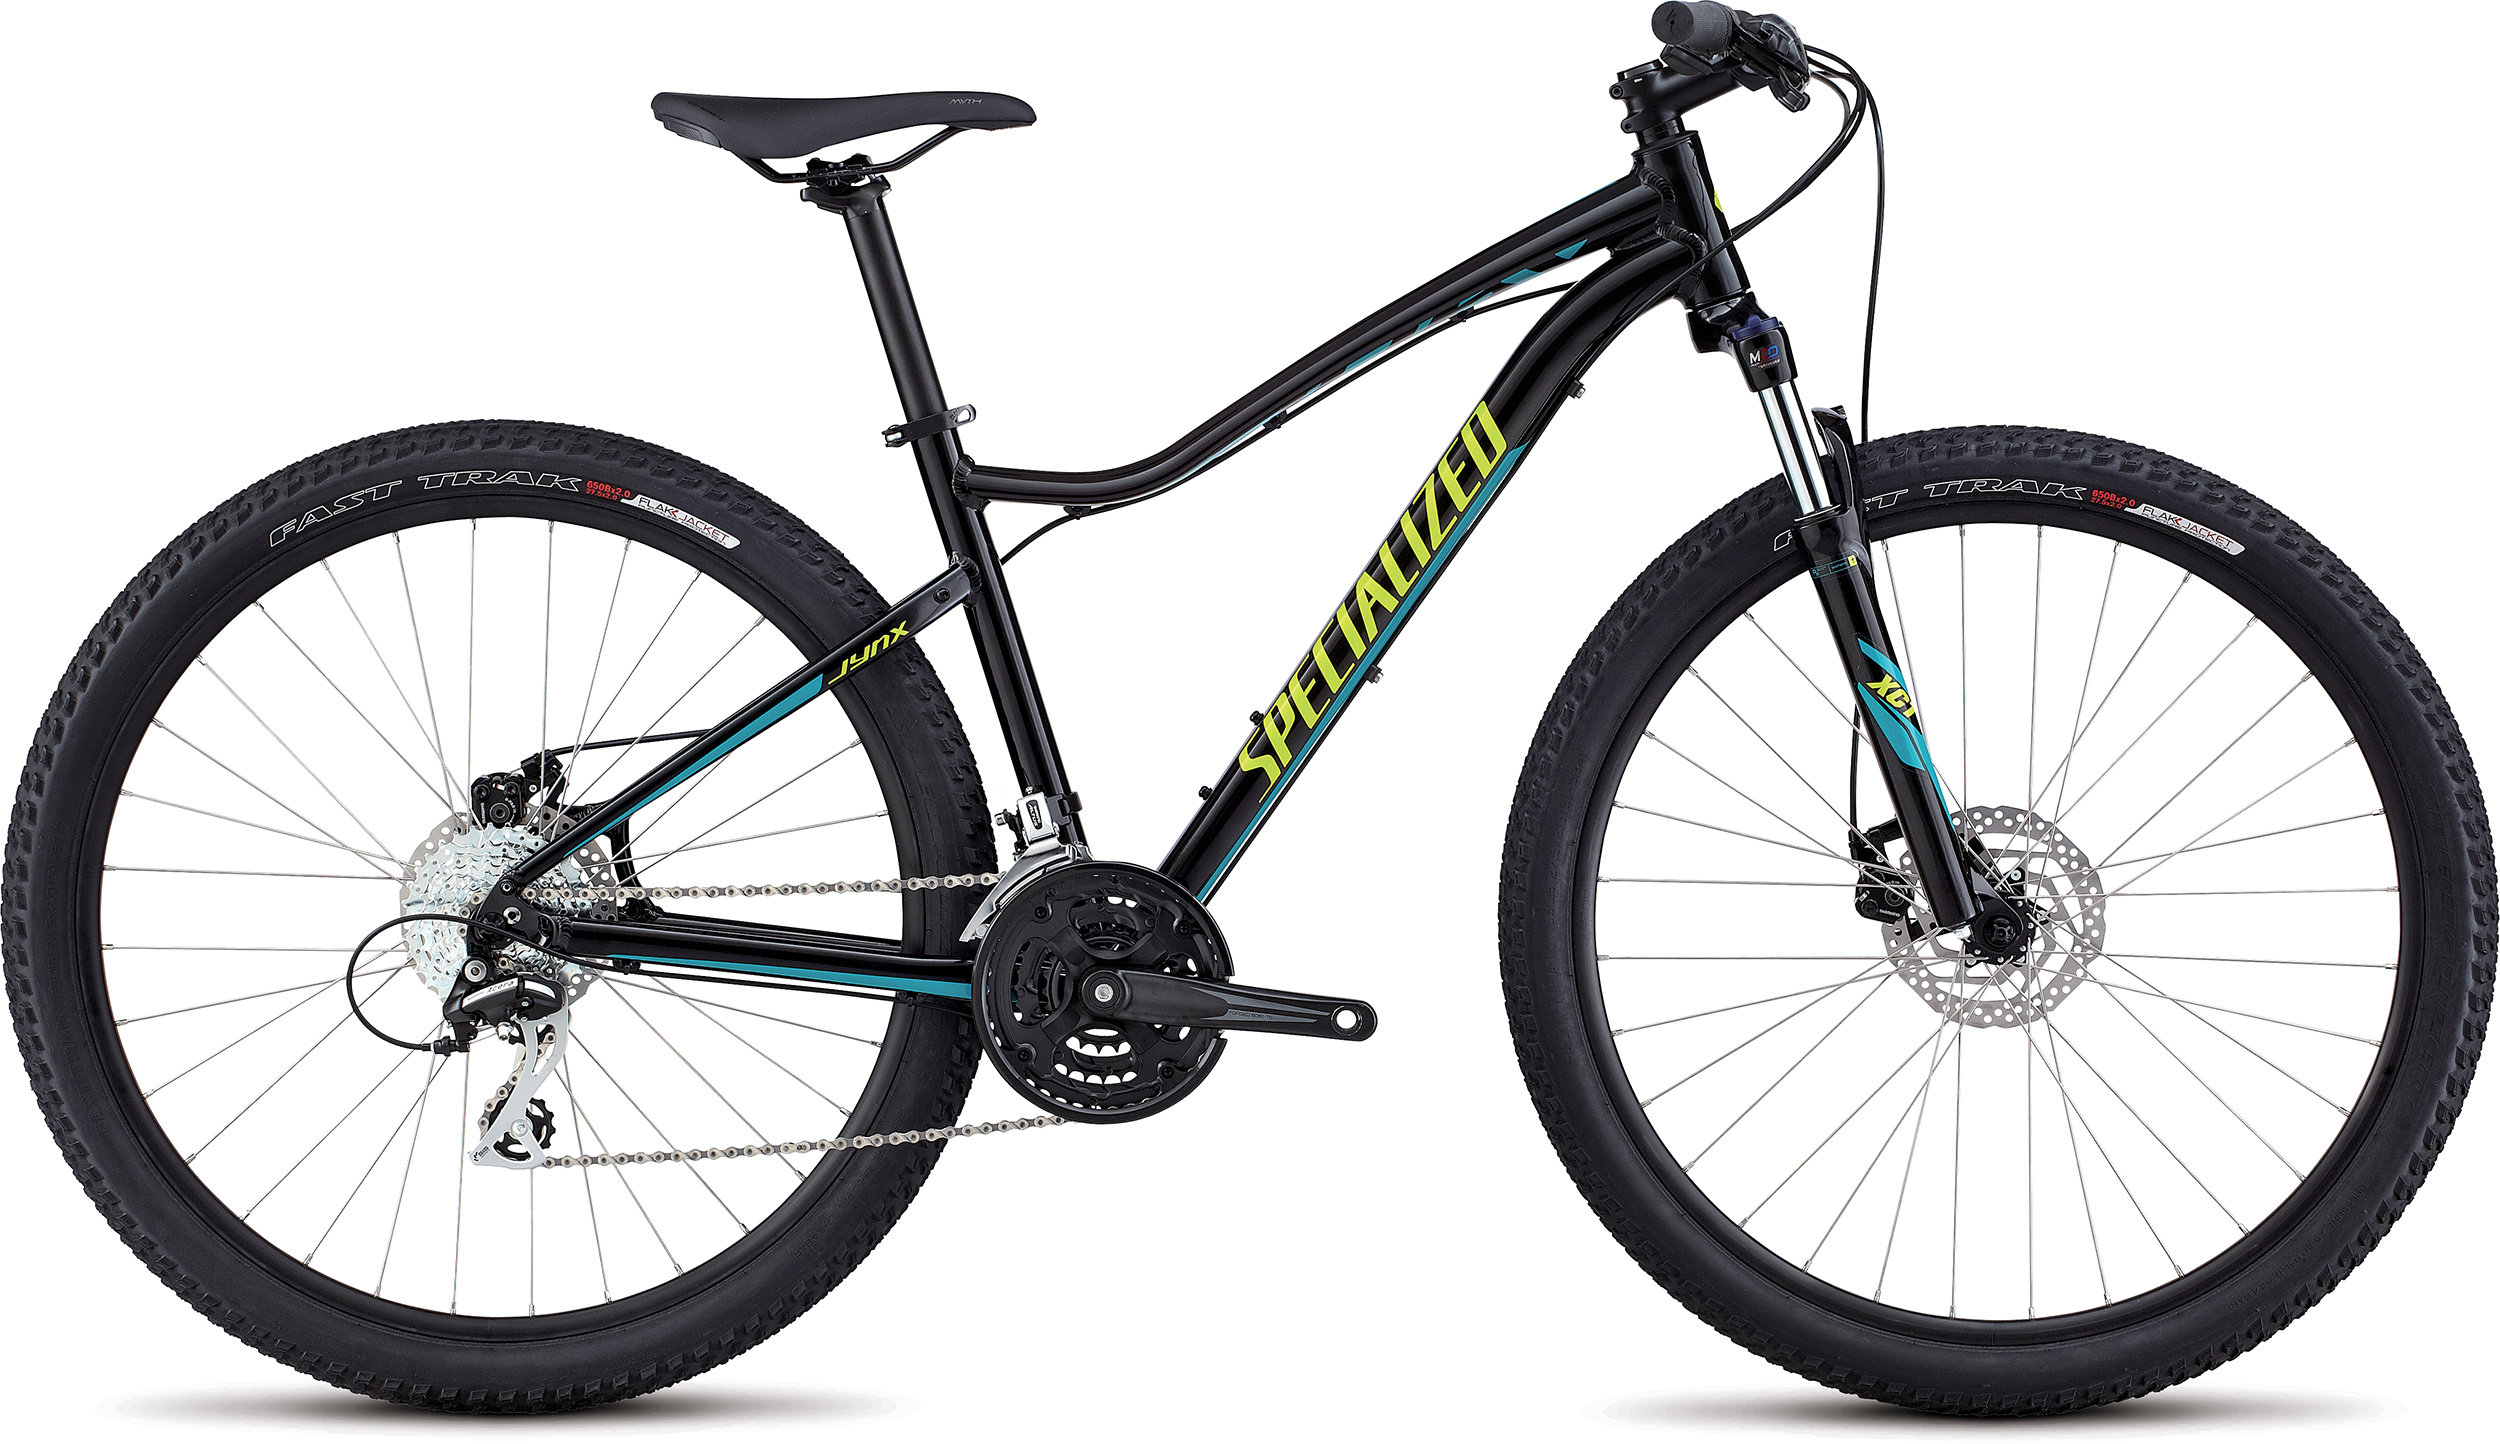 SPECIALIZED JYNX 650B TARBLK/HYP/TUR XS - Bike Maniac